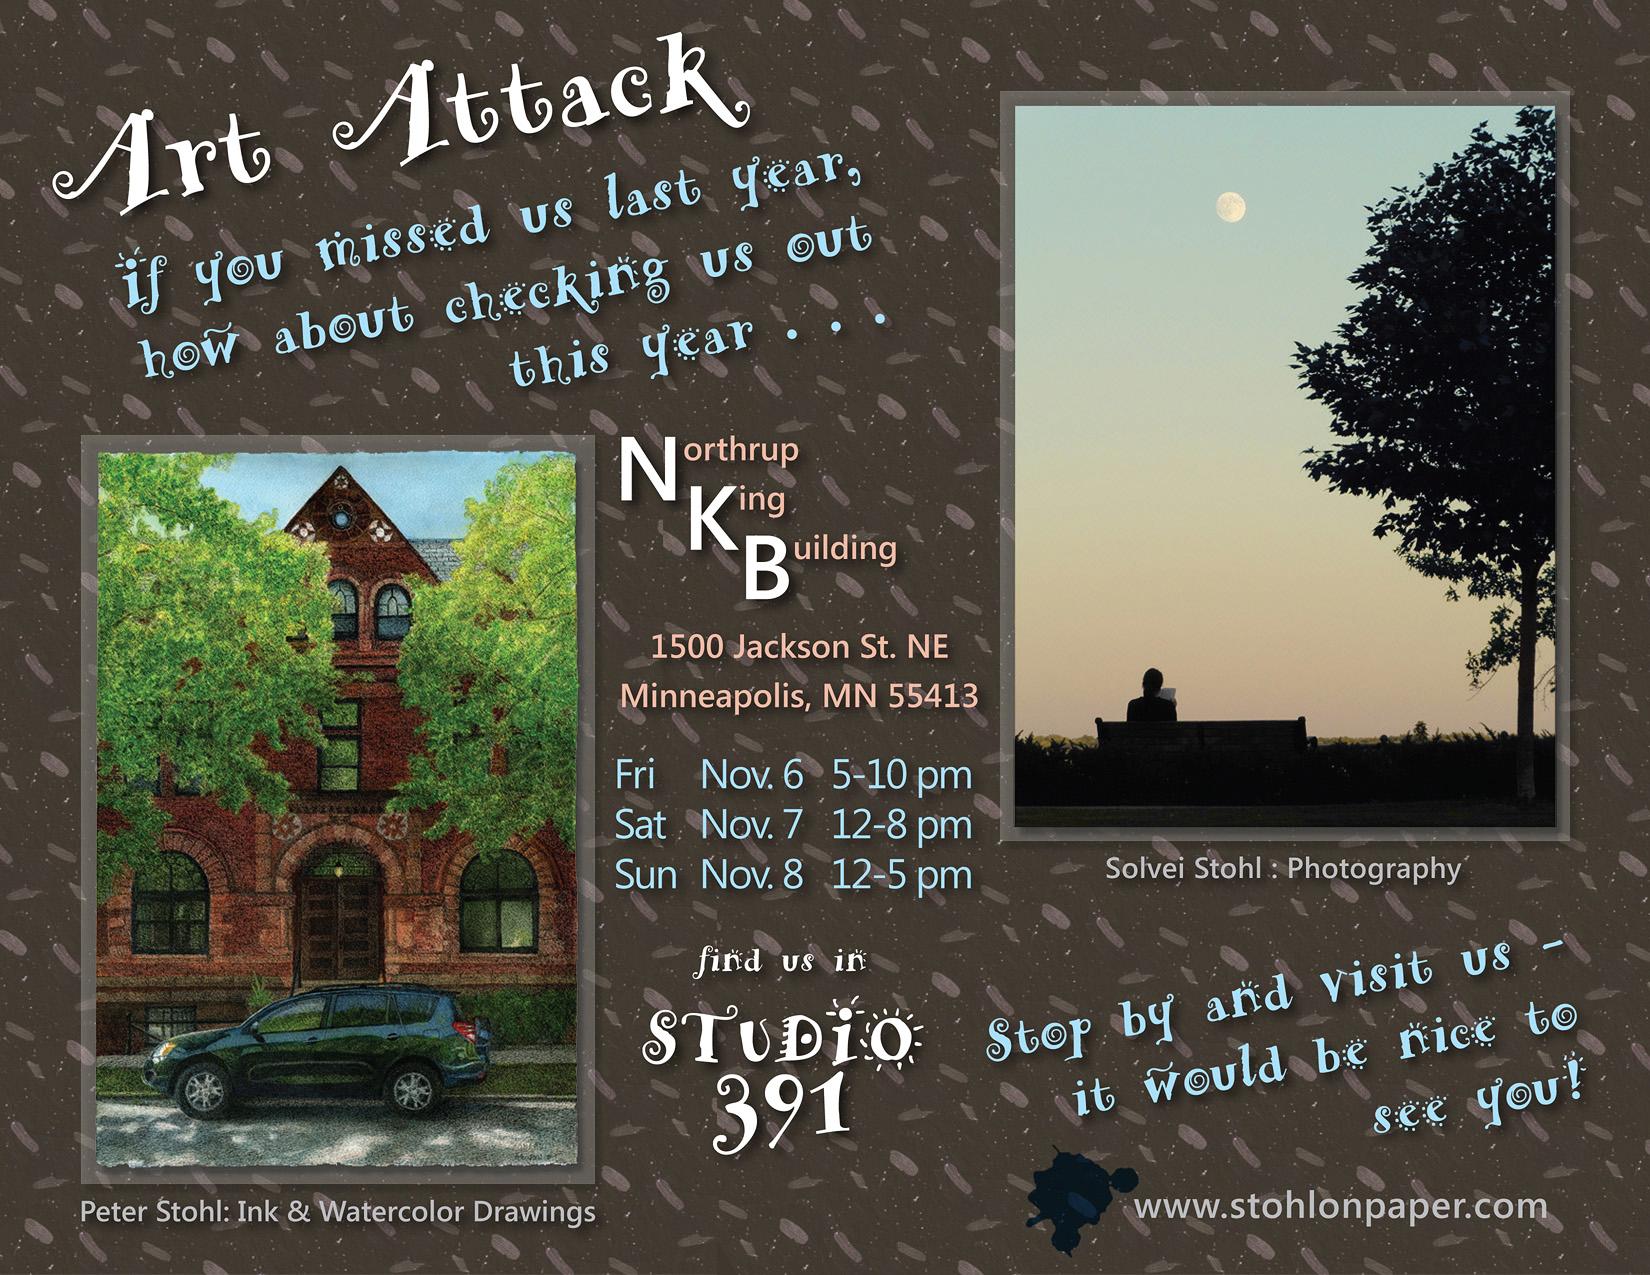 art attack 2015